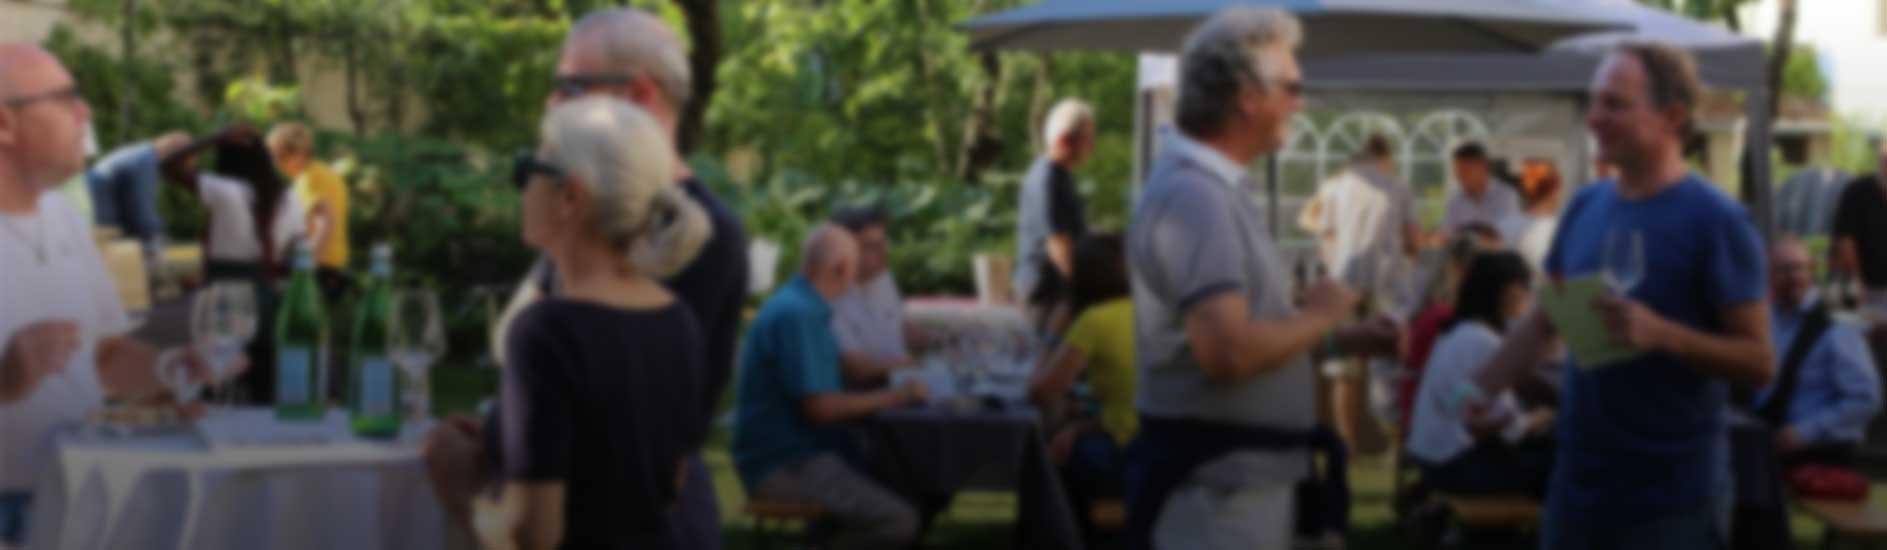 Wein im Garten 2 Banner Hintergrund